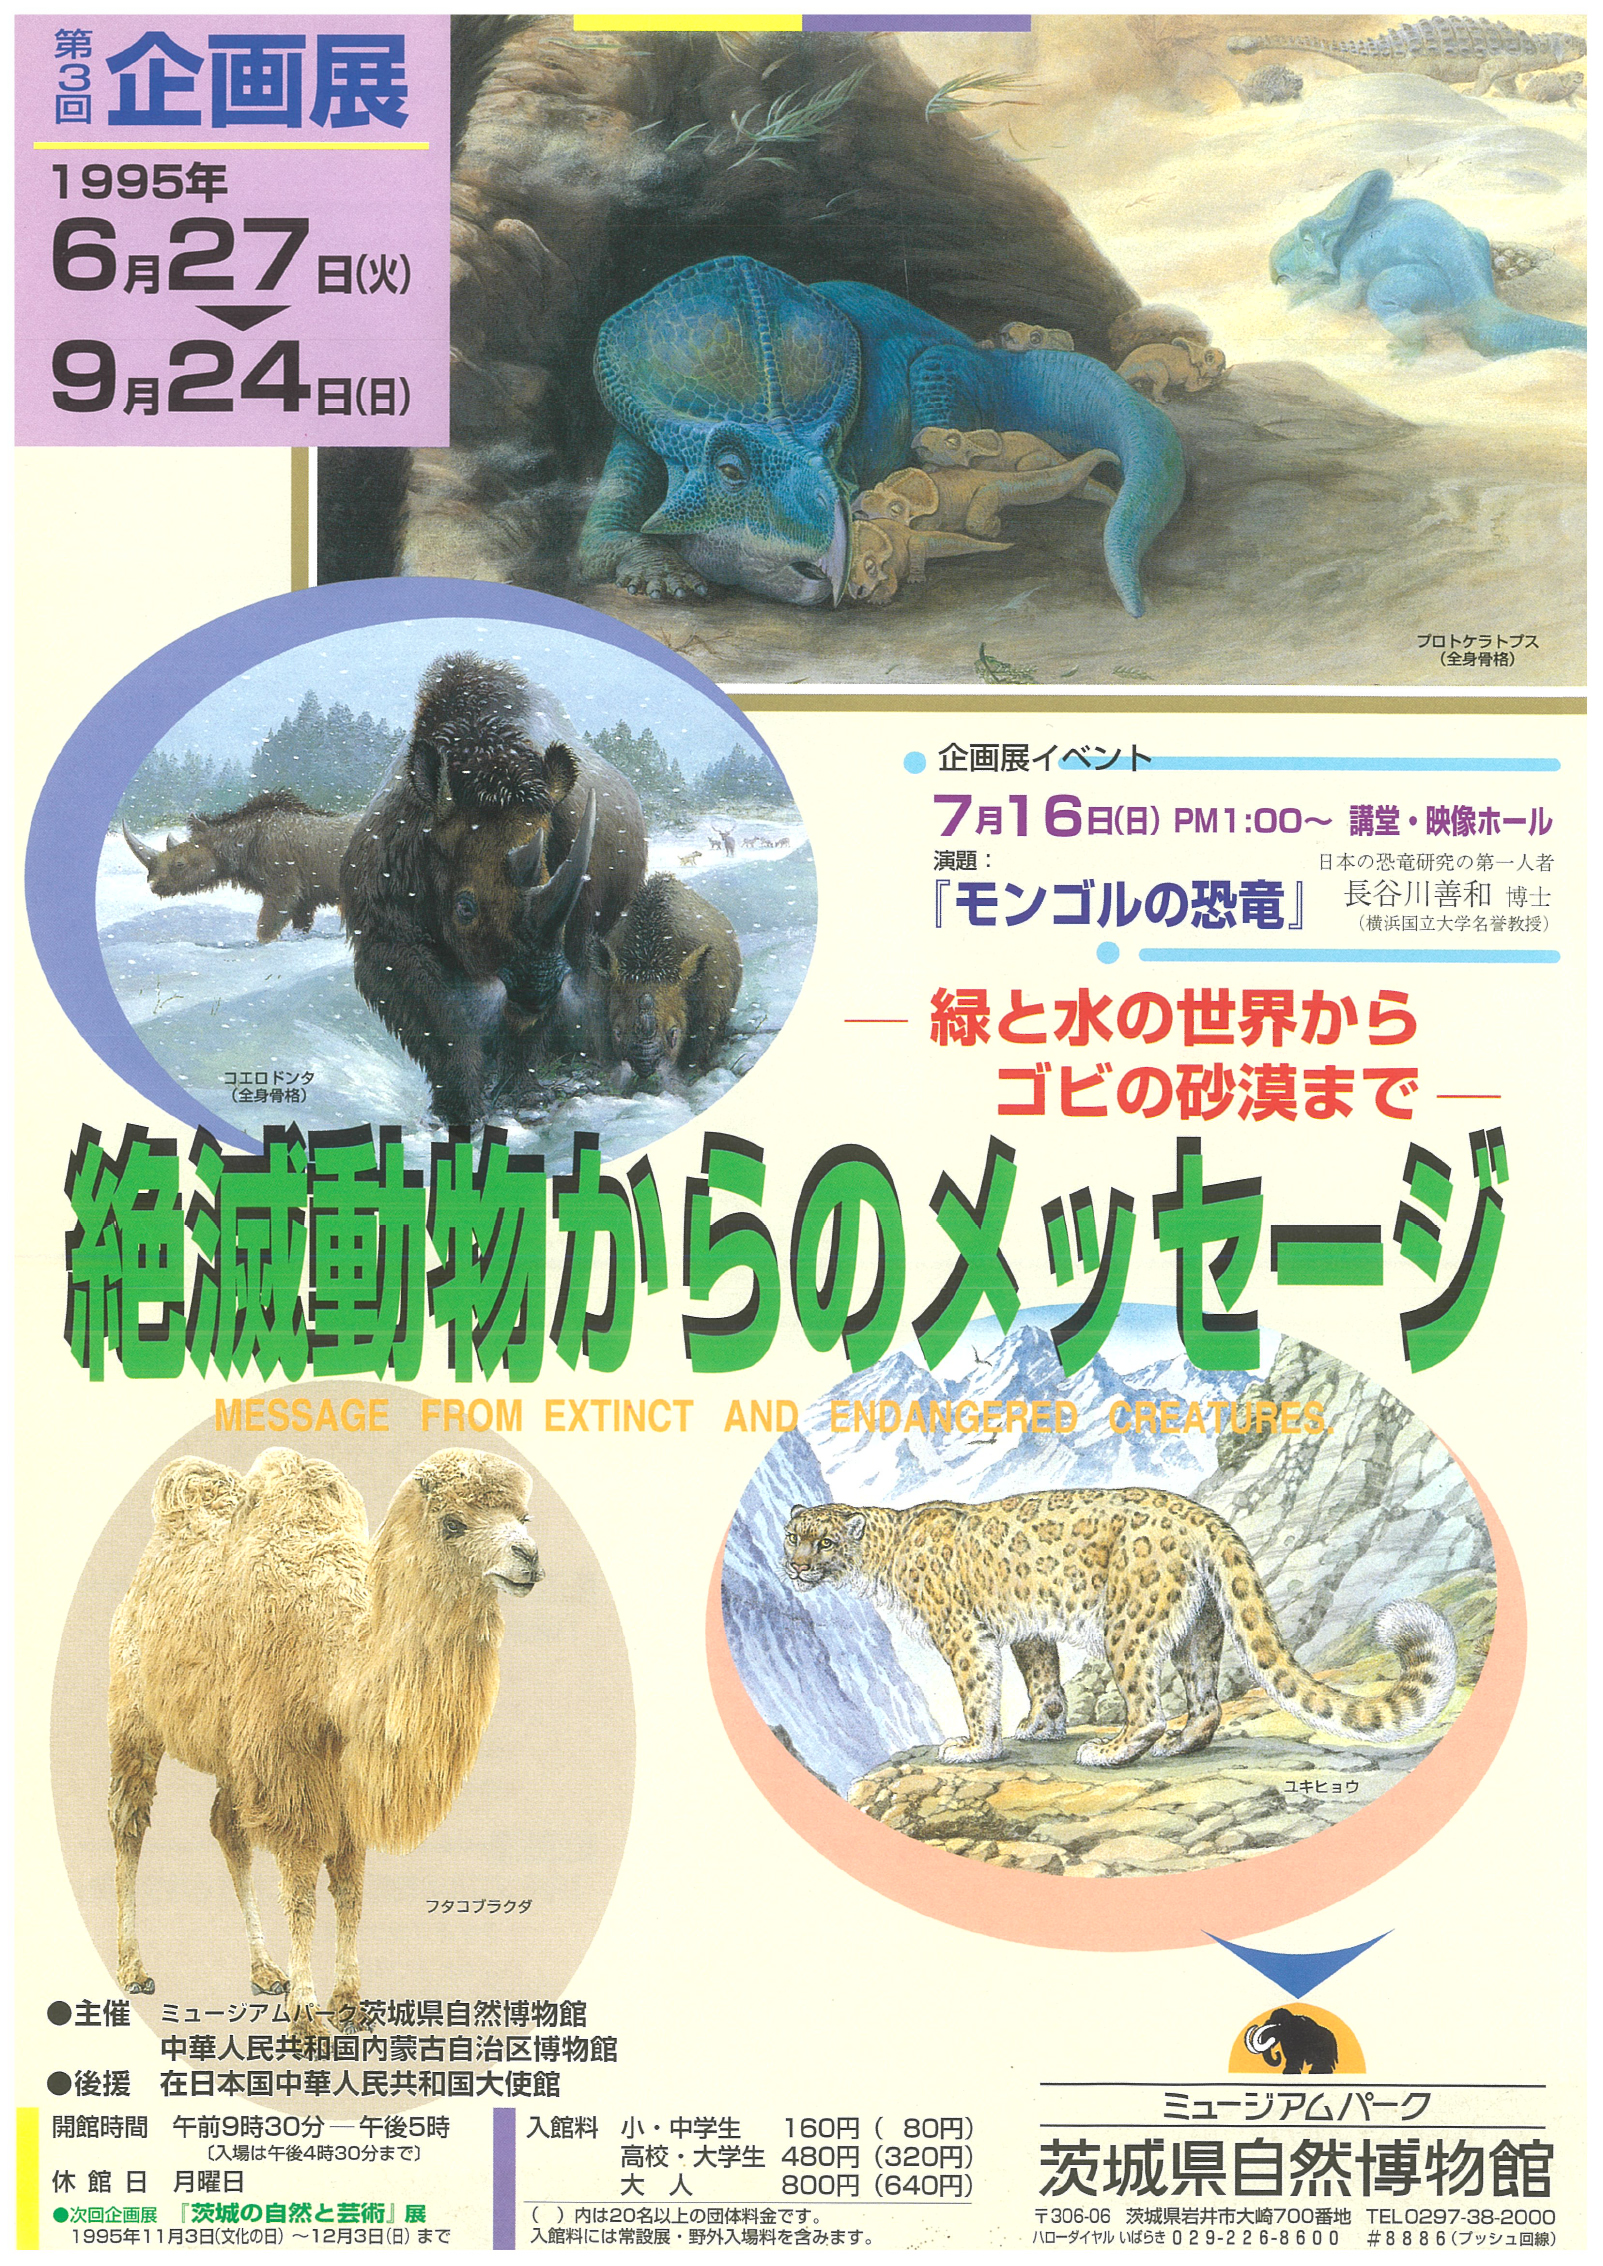 絶滅動物からのメッセージ -緑と水の世界からゴビの砂漠まで-